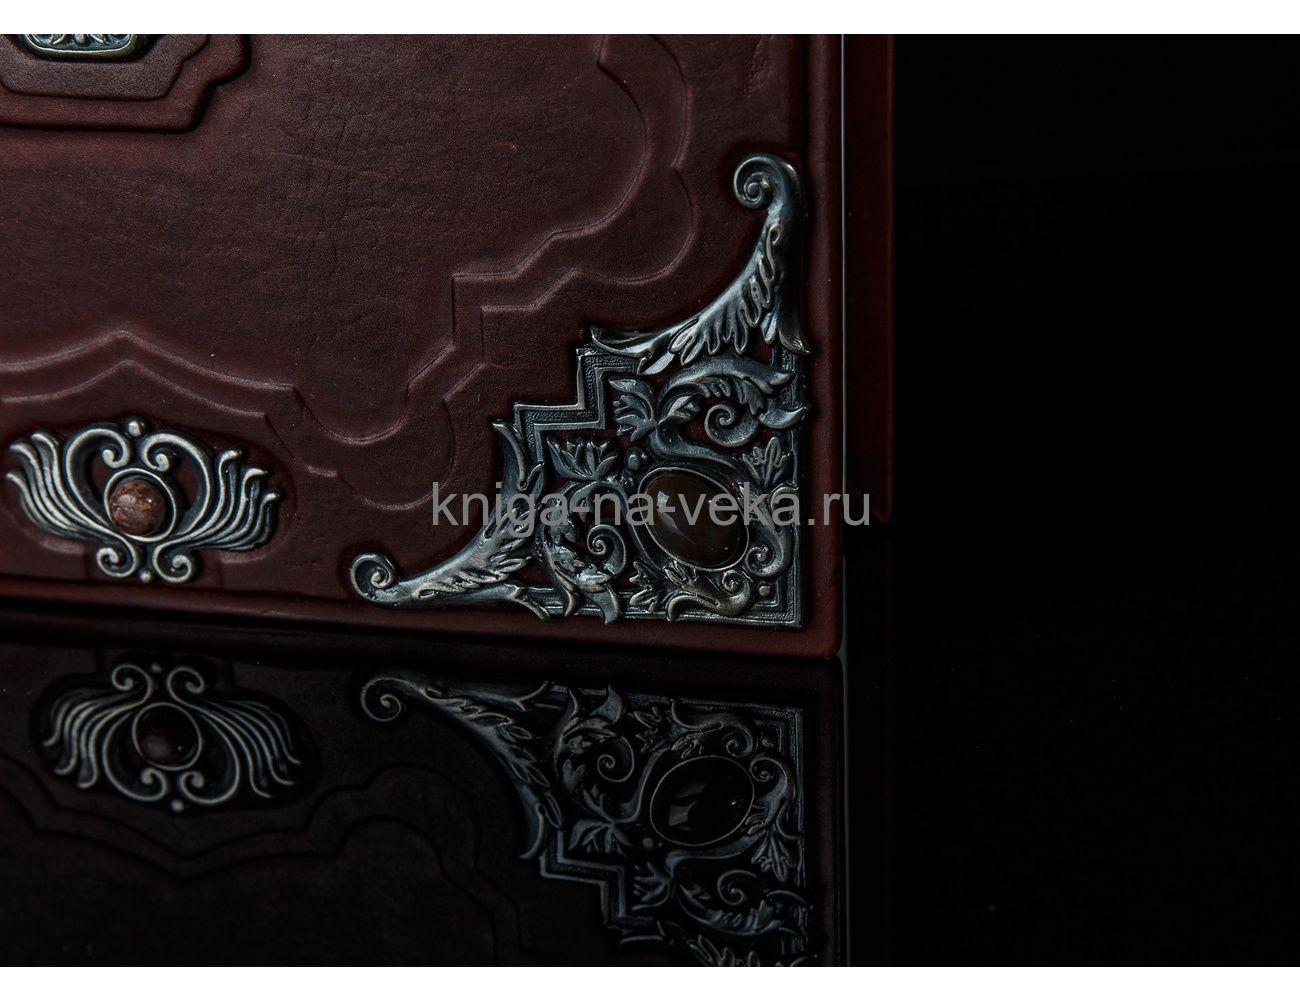 Книга «Библия в гравюрах Гюстава Доре» в кожаном переплёте с посеребрённой накладкой большого формата